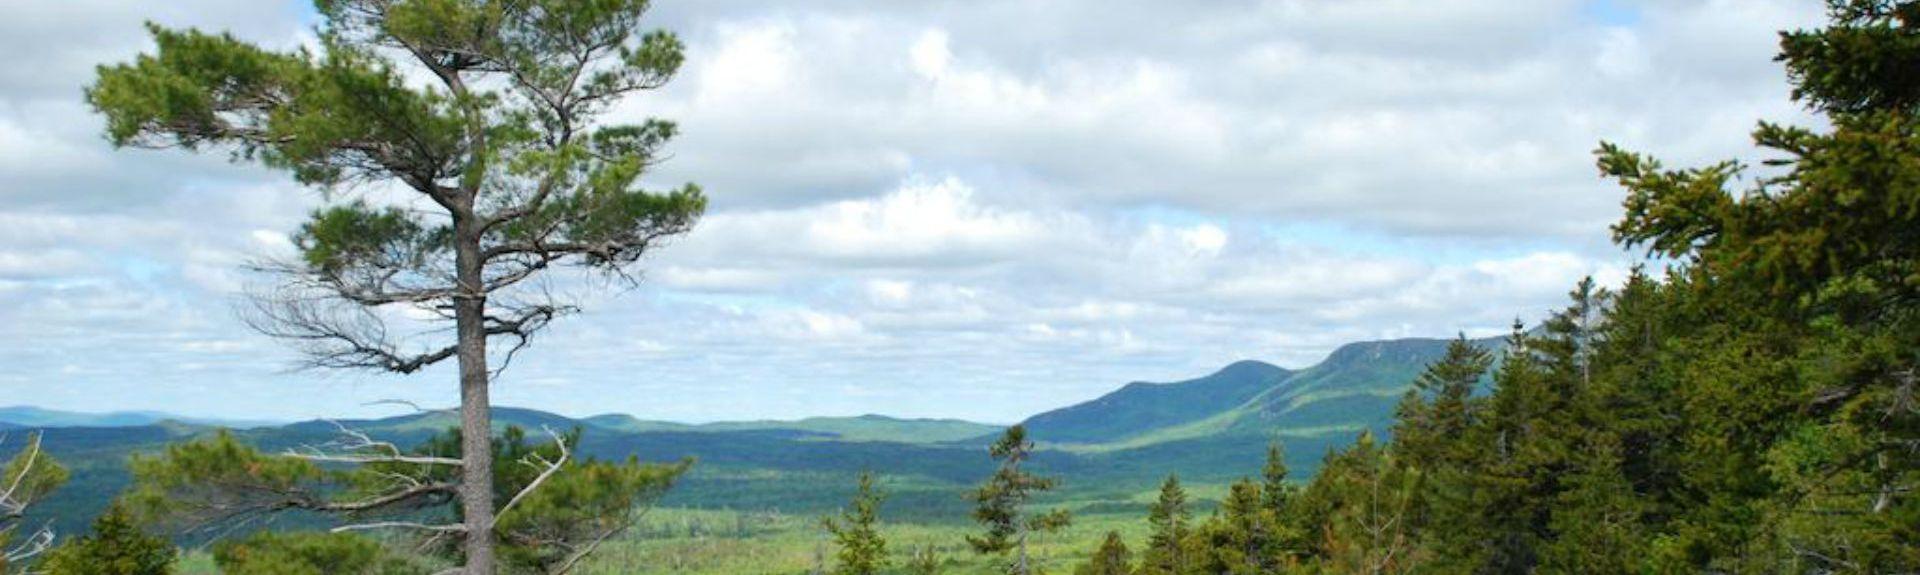 Vrbo 174 Mooselookmeguntic Lake Us Vacation Rentals